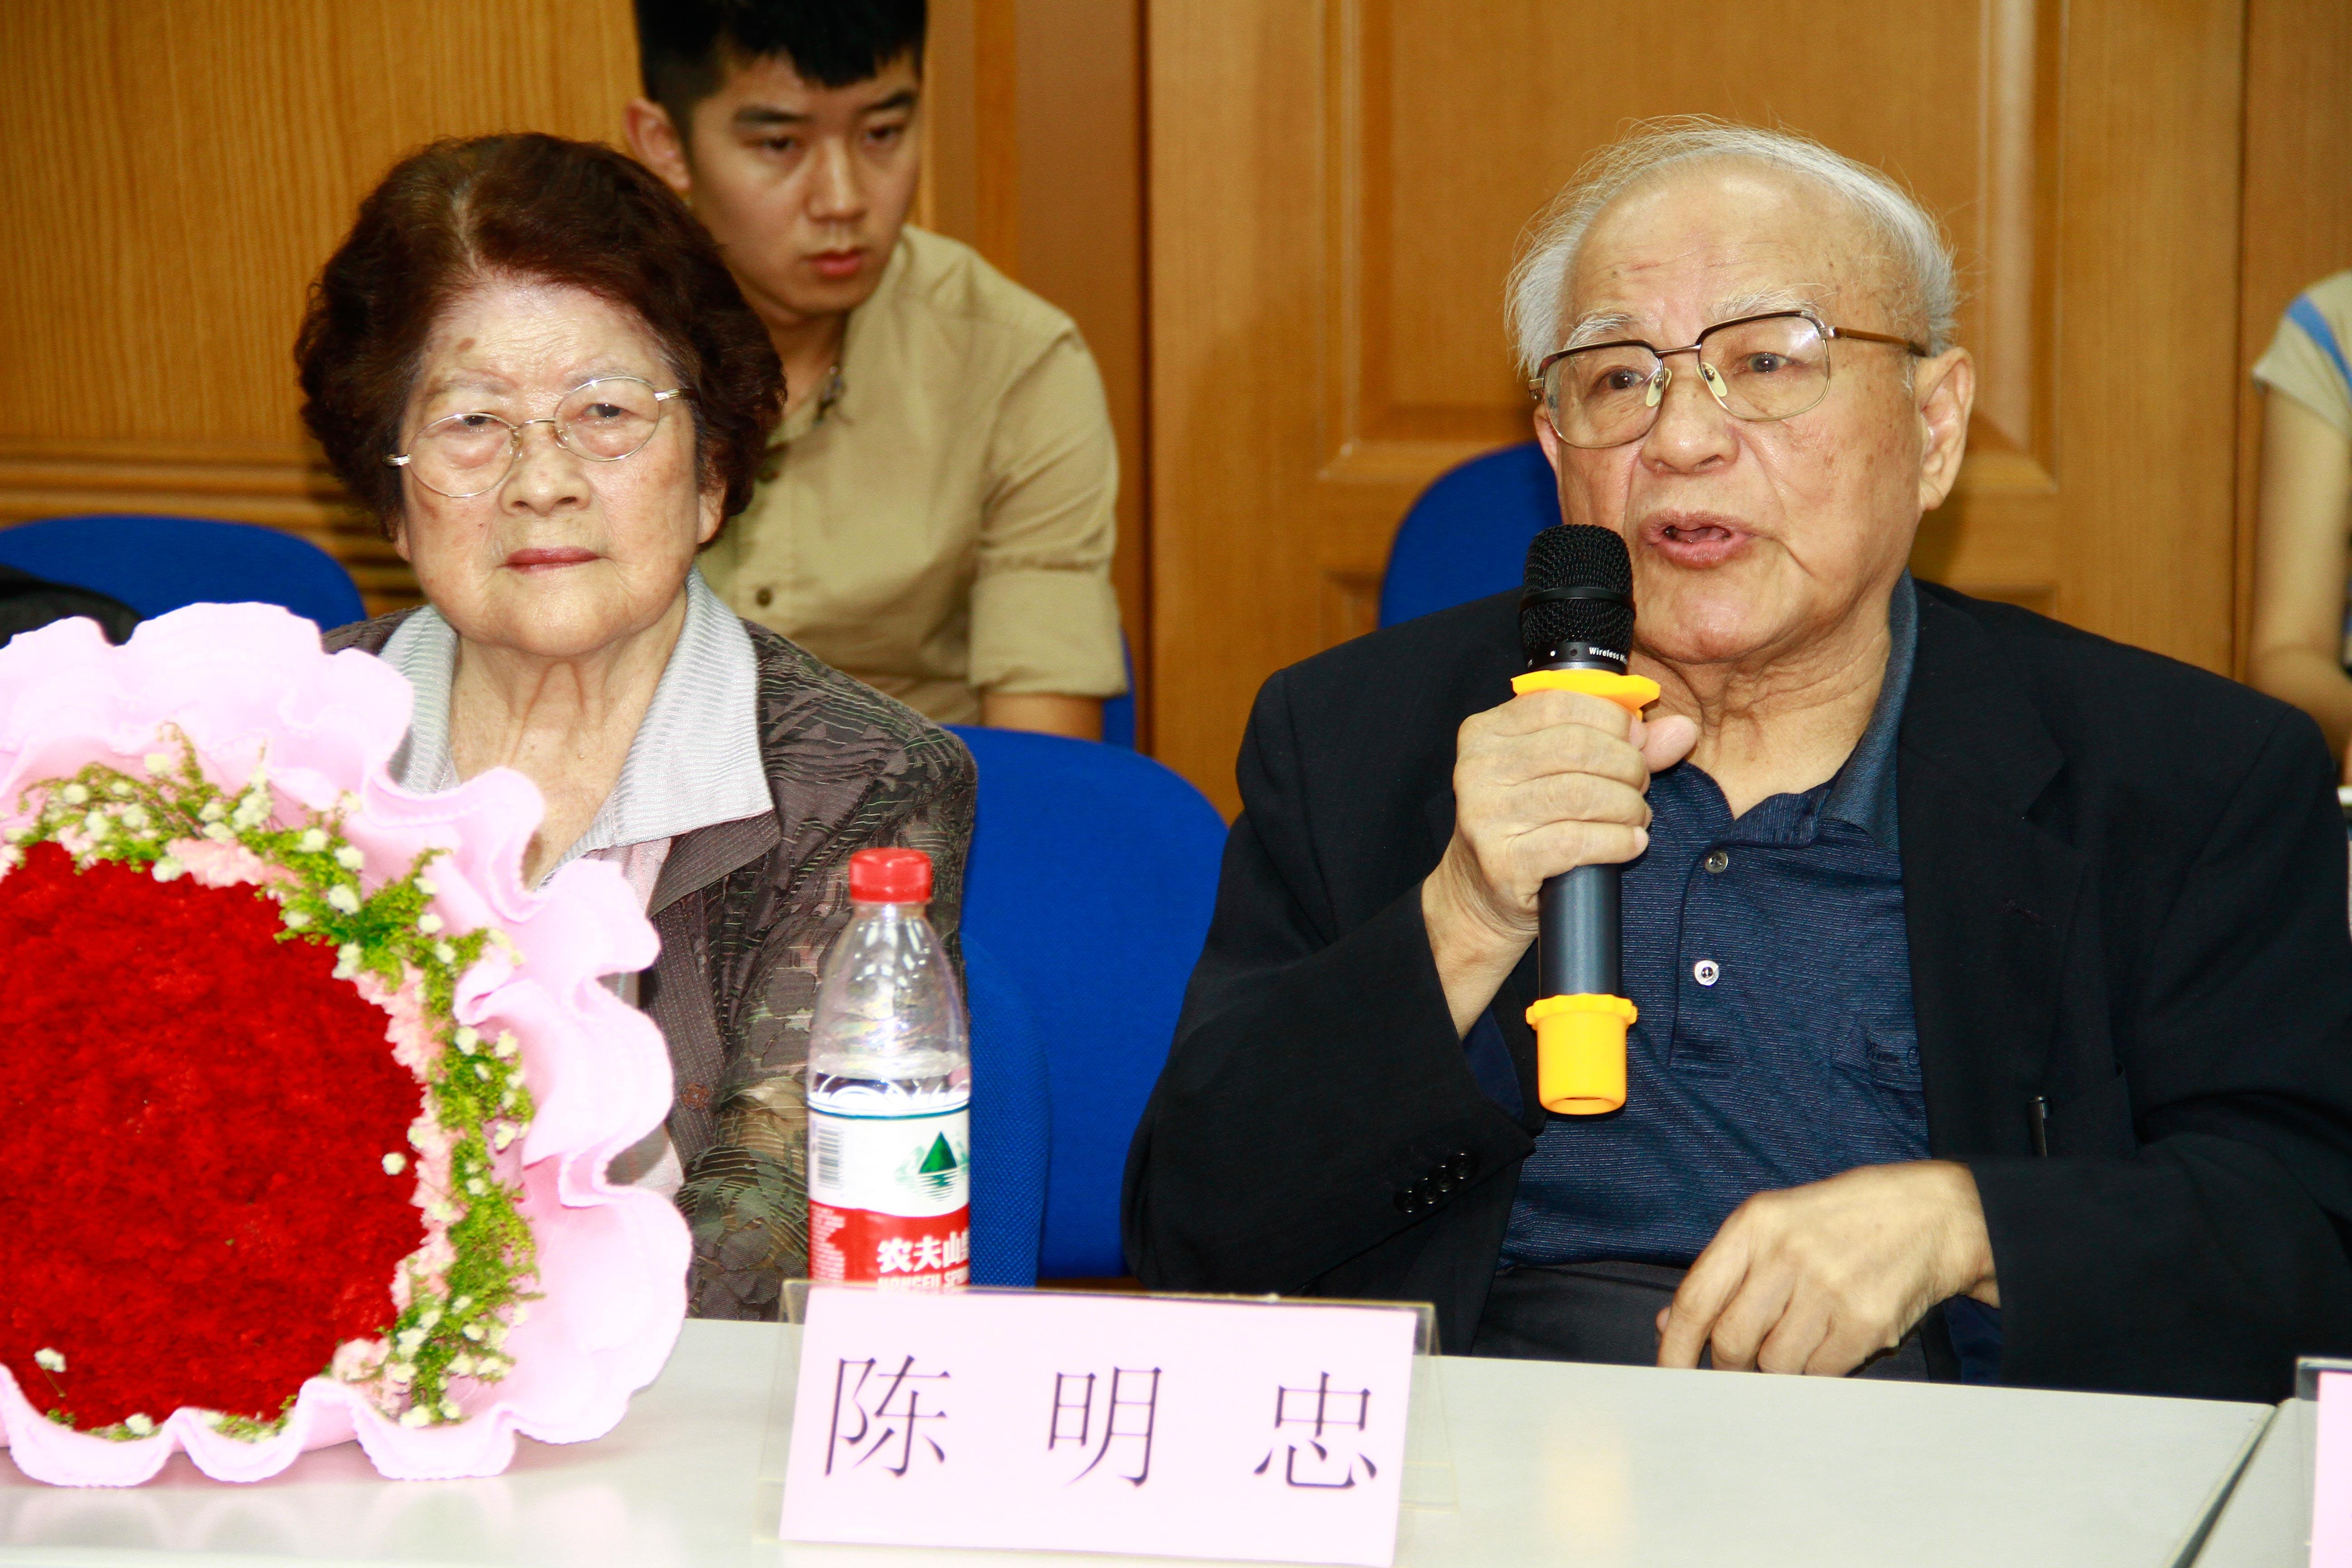 台湾著名统派人士陈明忠去世,享年93年